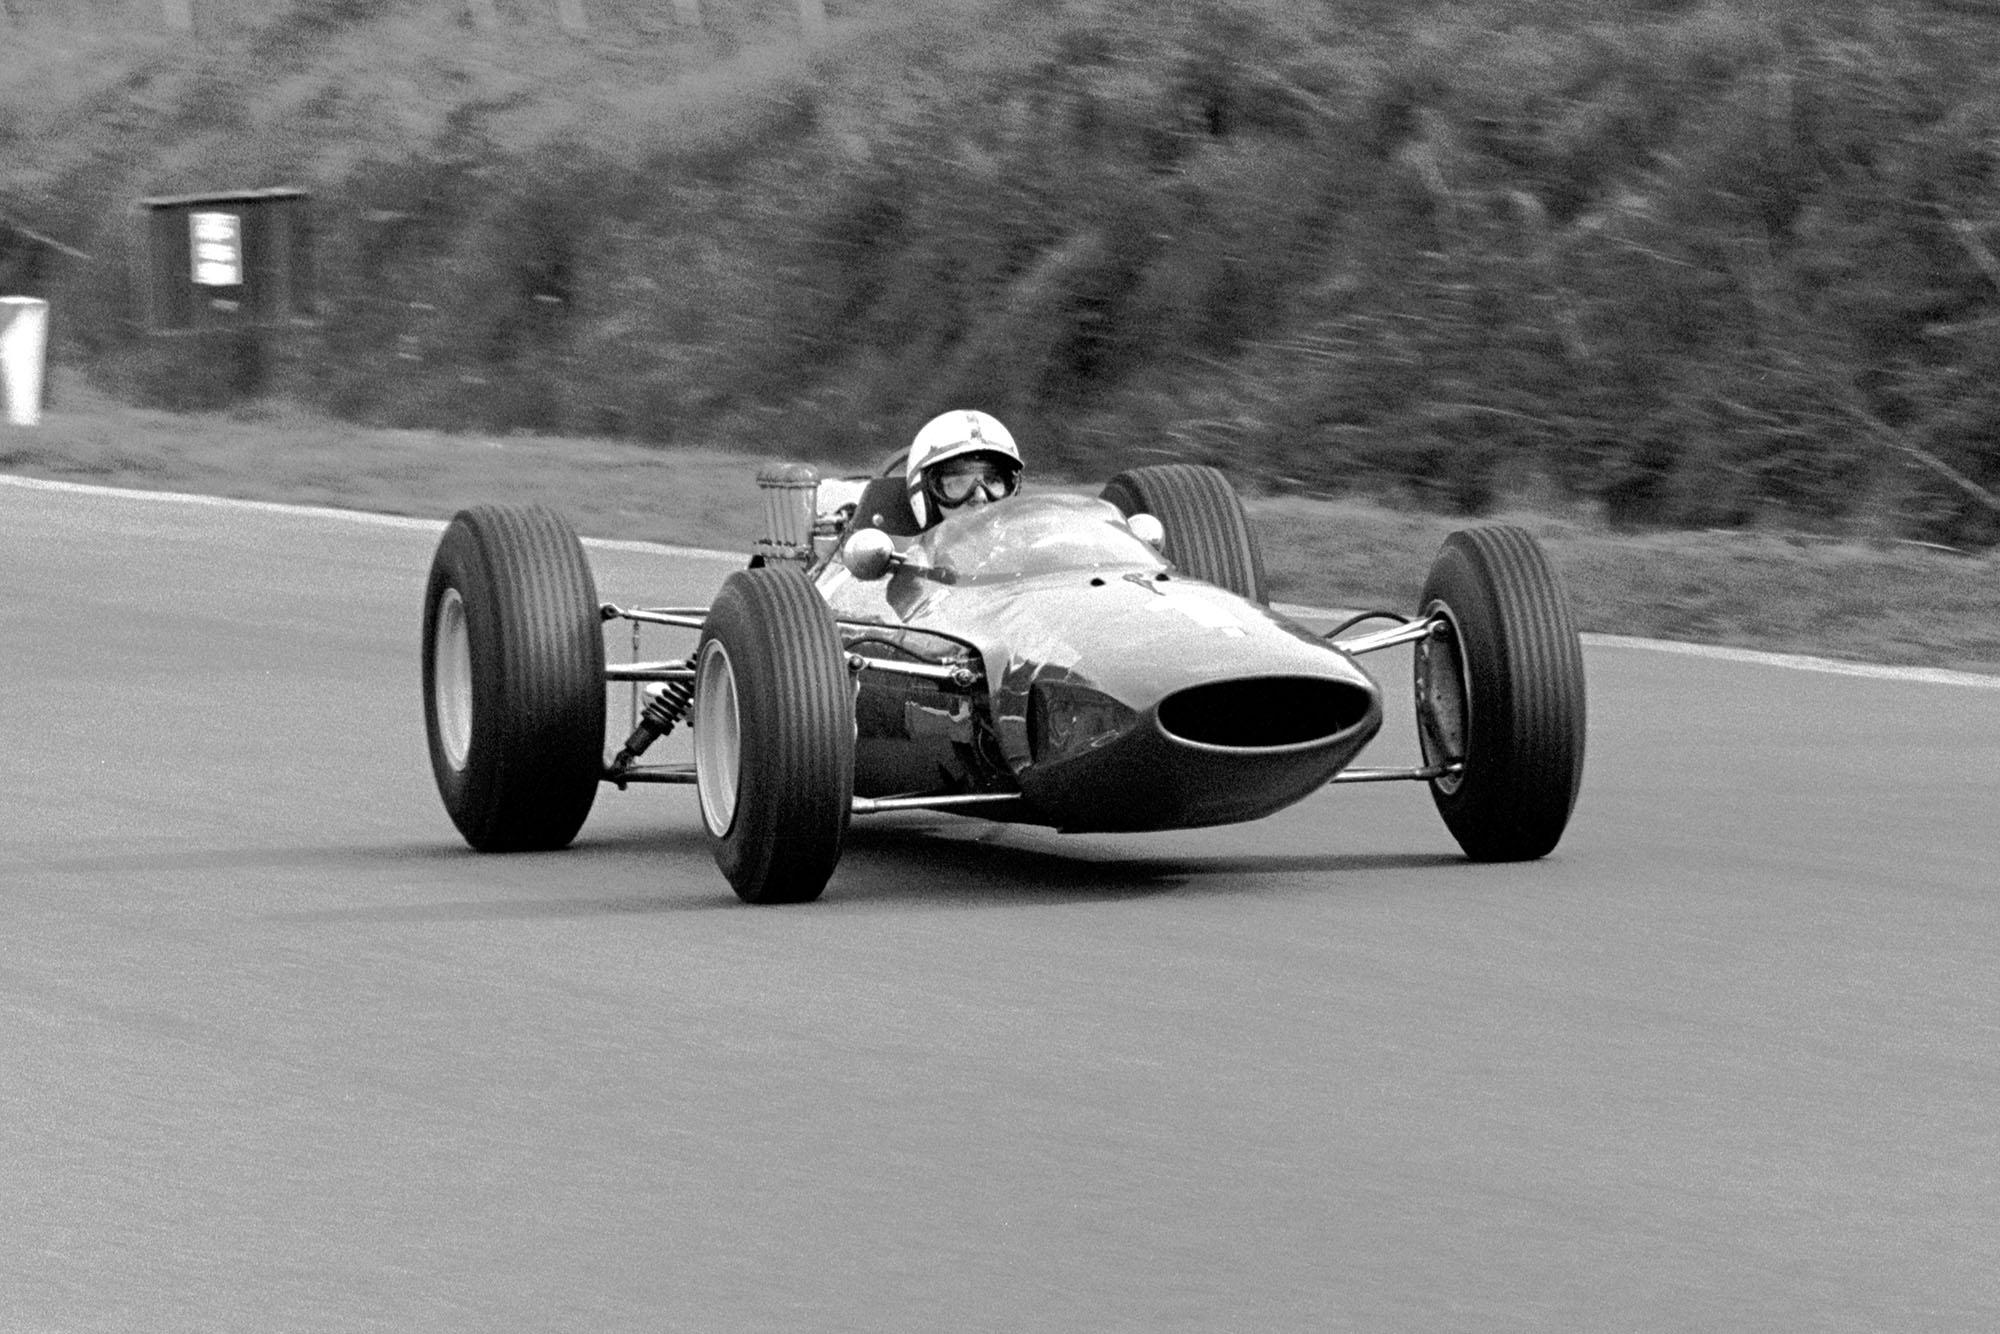 John Surtees (GBR) Ferrari 158.